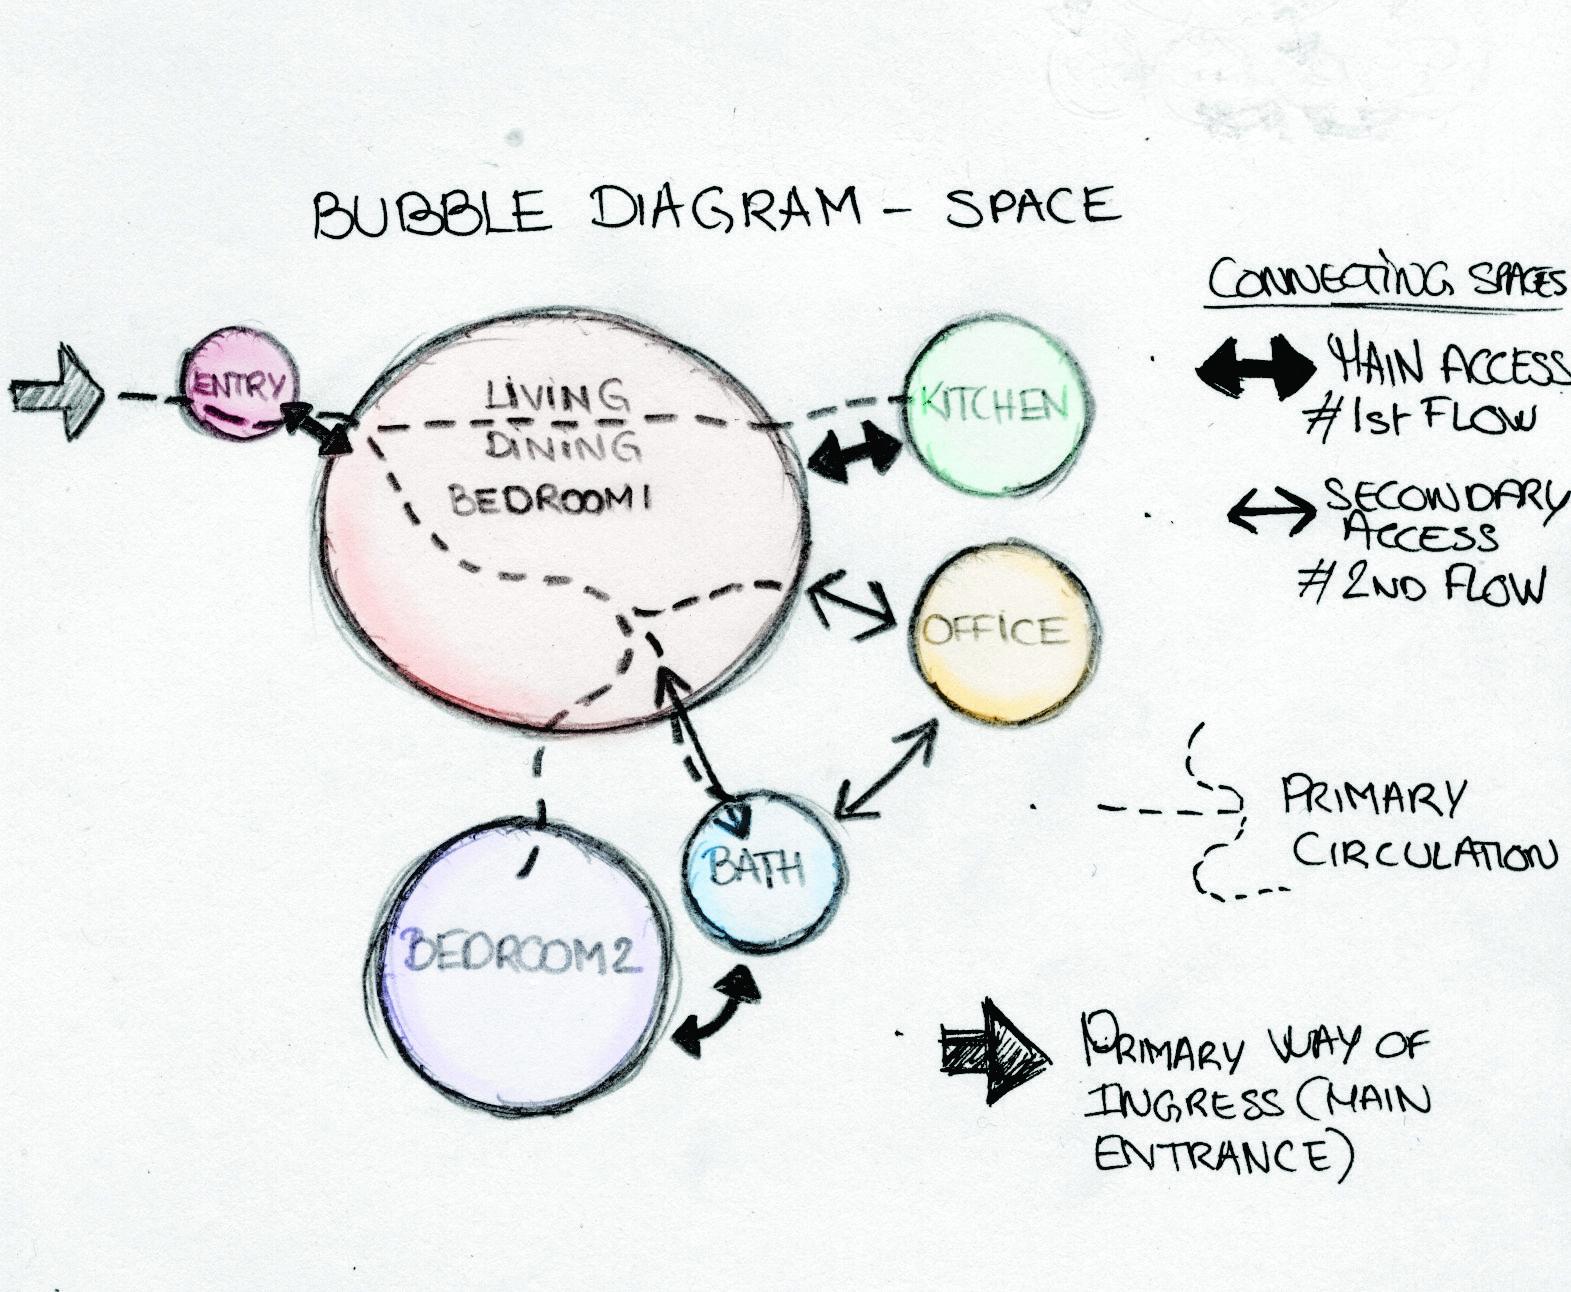 space suit bubble diagram - photo #13